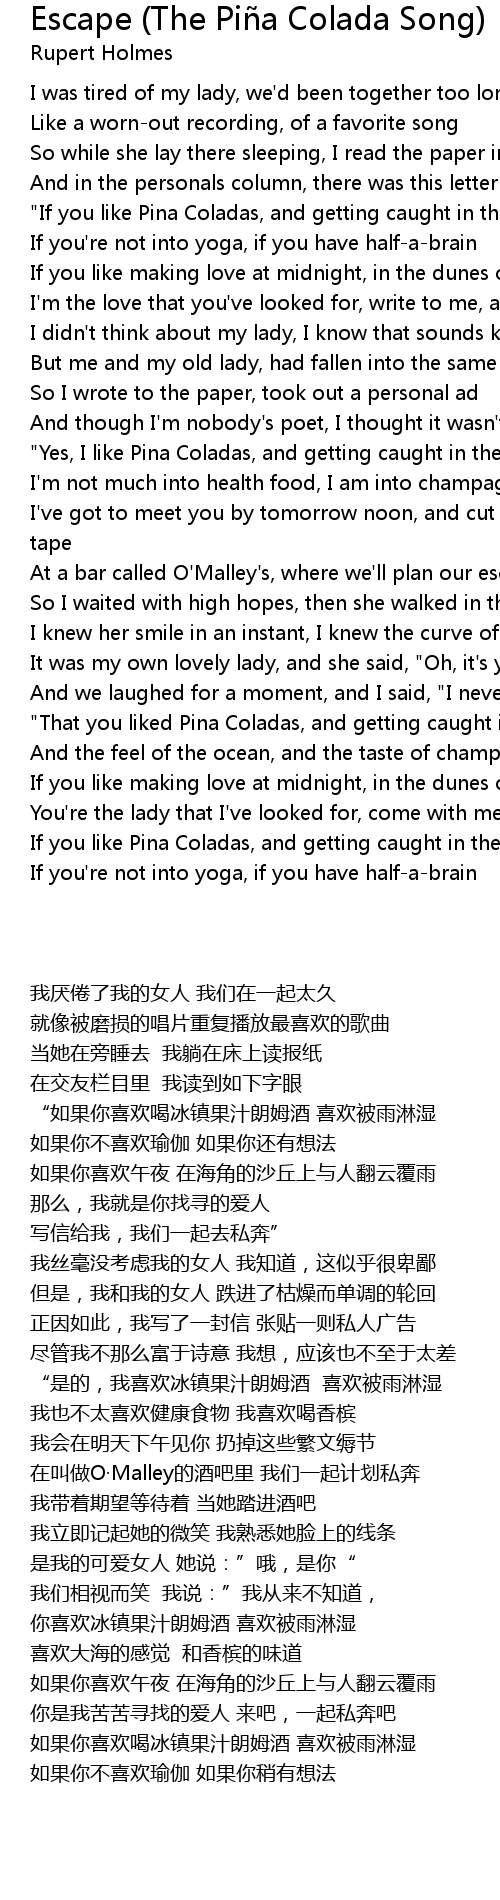 Escape The Piña Colada Song Escape The Pi a Colada Song Lyrics ...